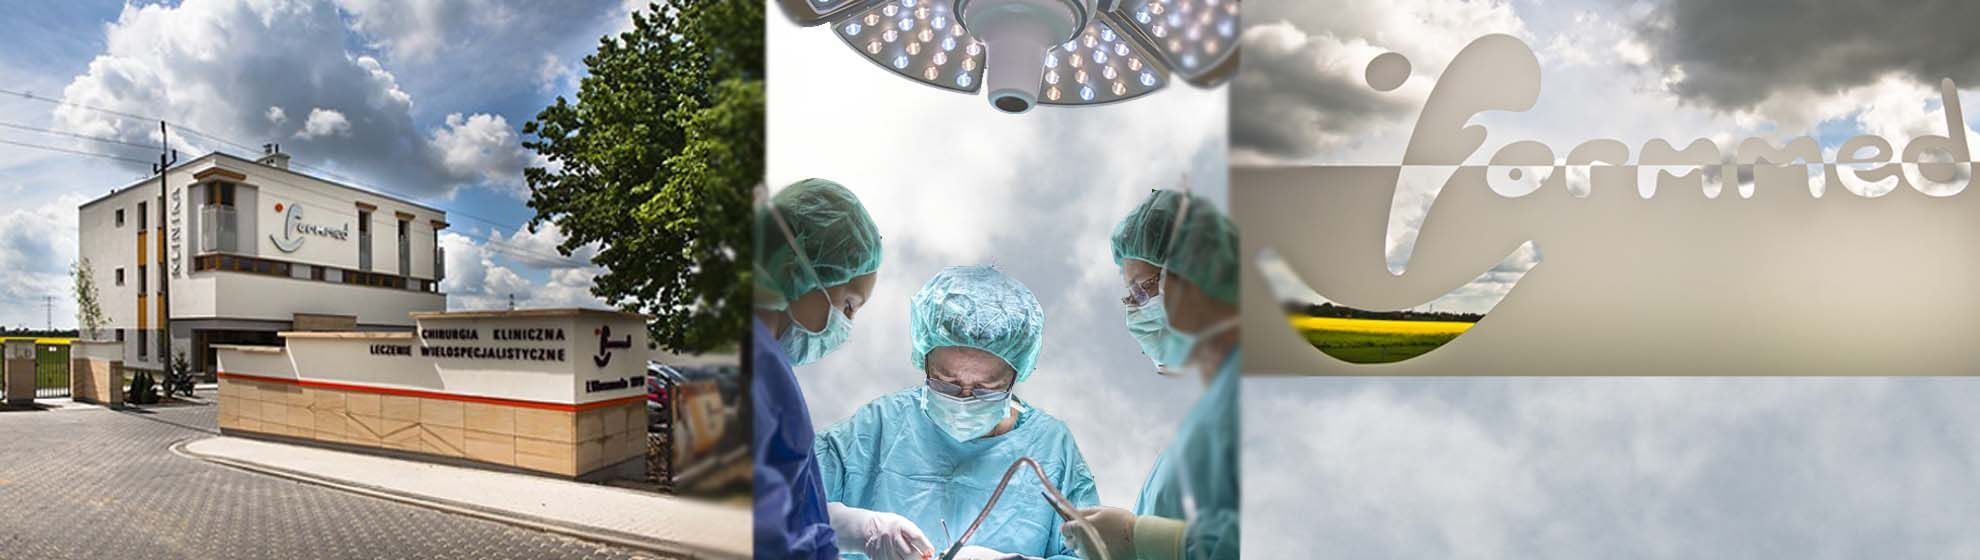 FORMMED Es Chirurgia plastyczna i medycyna estetyczna